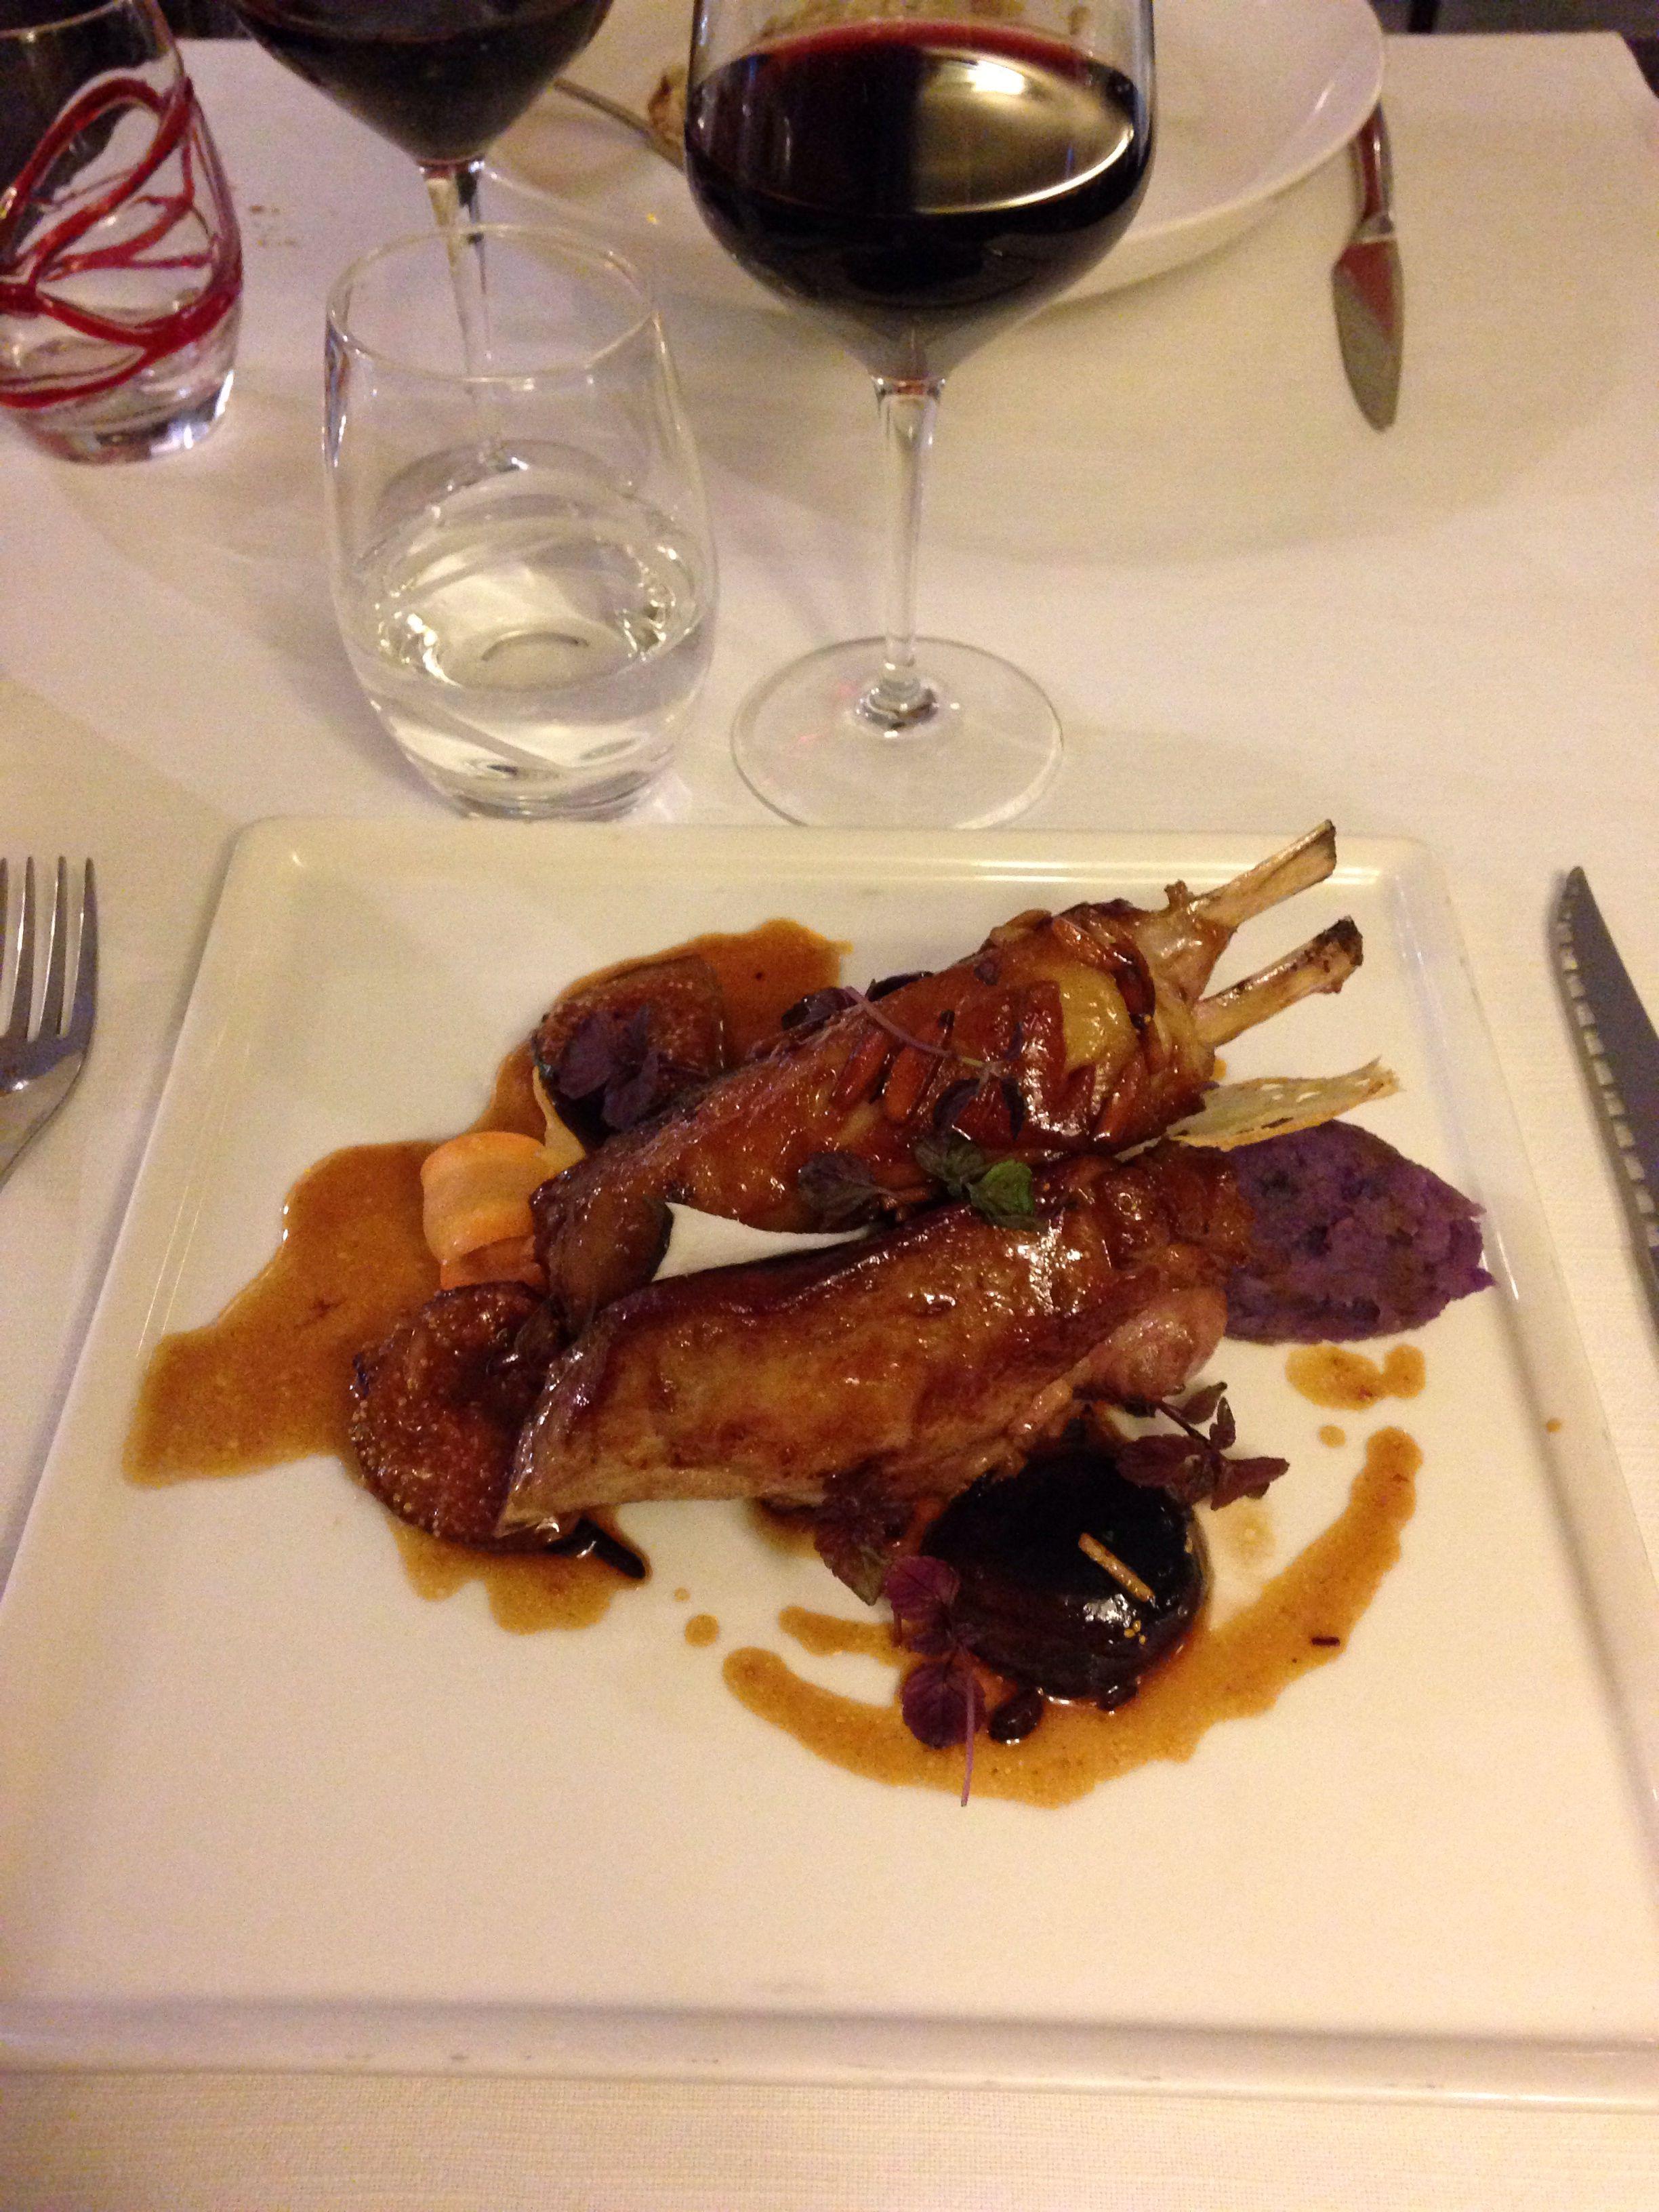 Côte d'agneau au miel et aux figues au restaurant Vino e Cucina à Nice